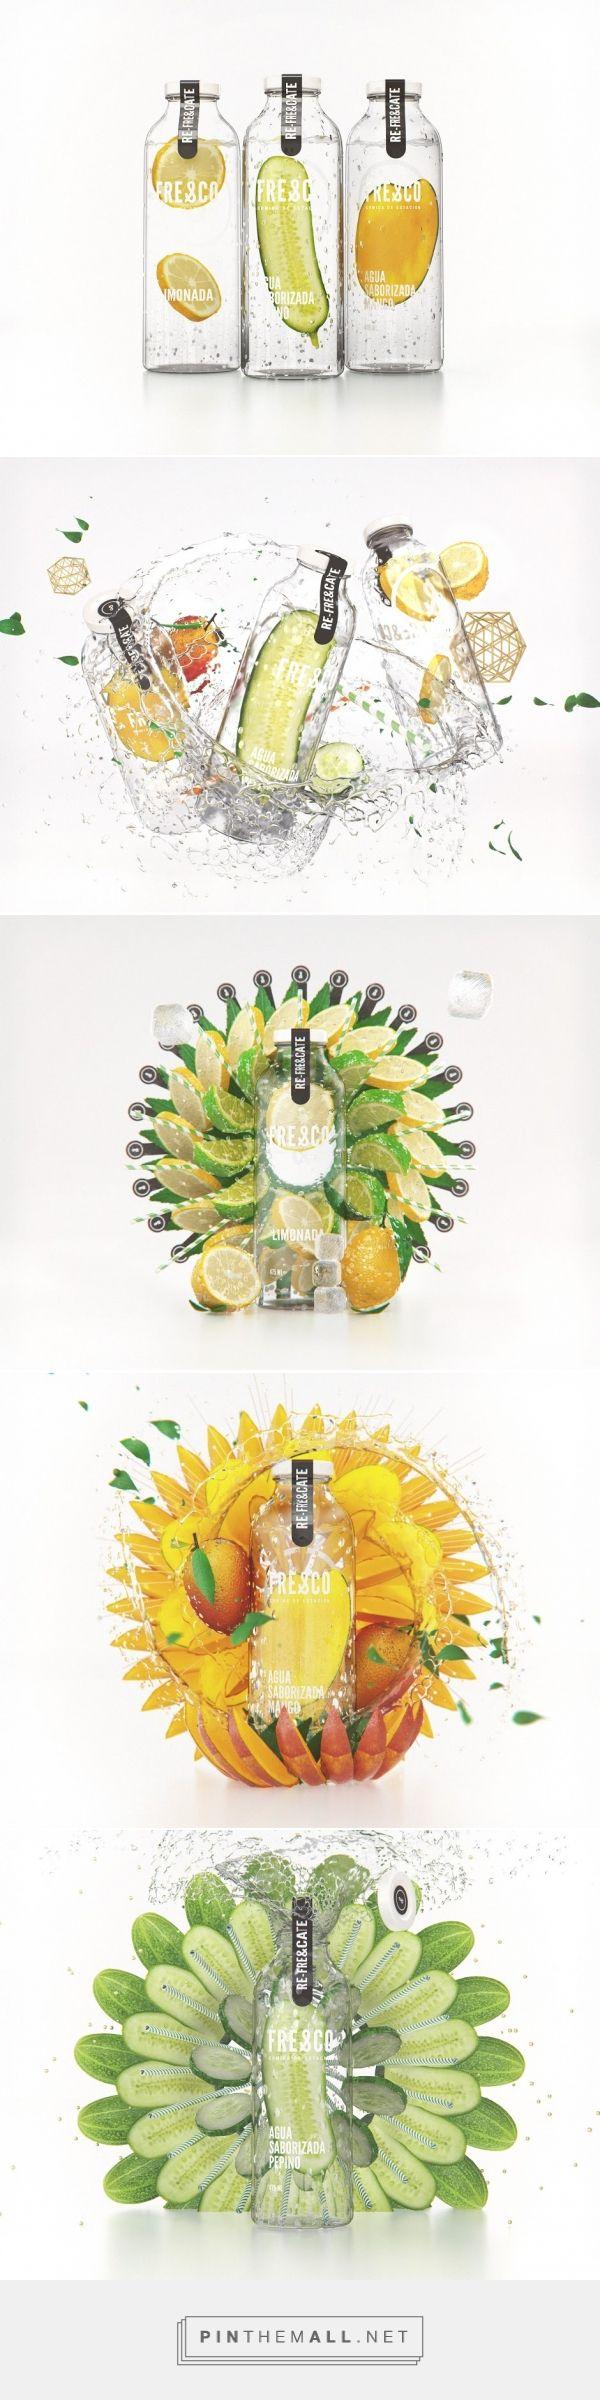 Fresco flavored water bottle designed by Estudio NK (Argentina) - http://www.packagingoftheworld.com/2016/03/fresco-bottles.html